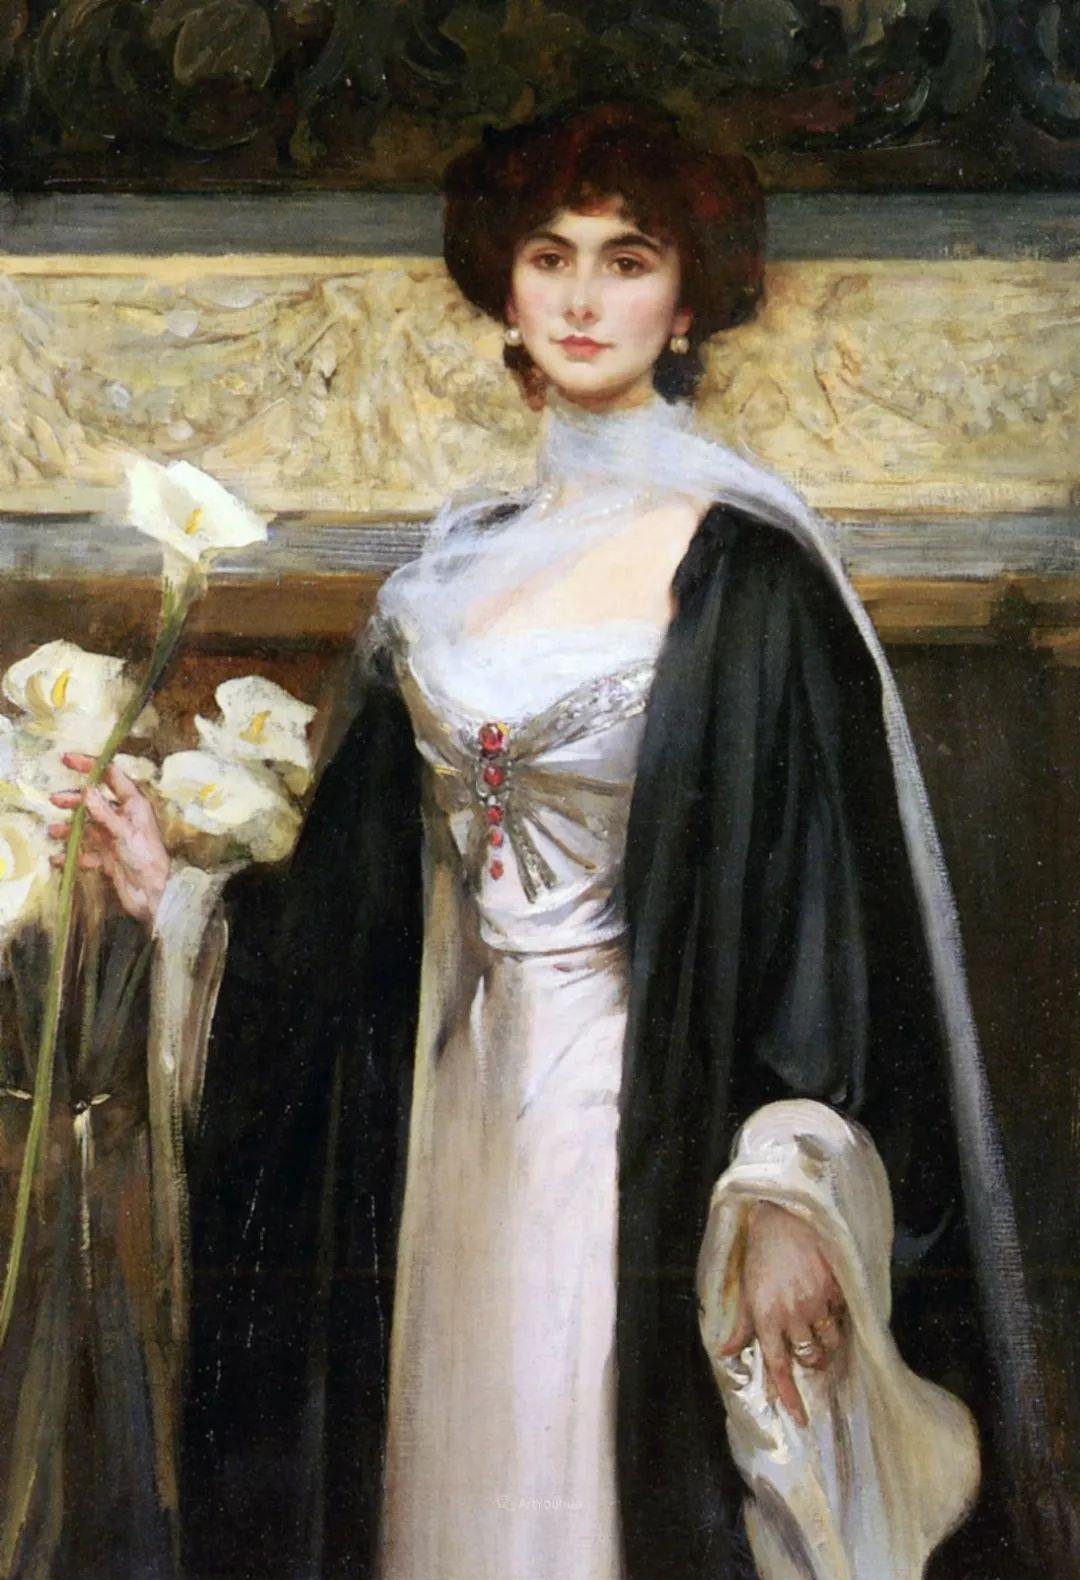 画家笔下苗条的女子,美丽优雅!英裔美国画家James Jebusa Shannon插图42